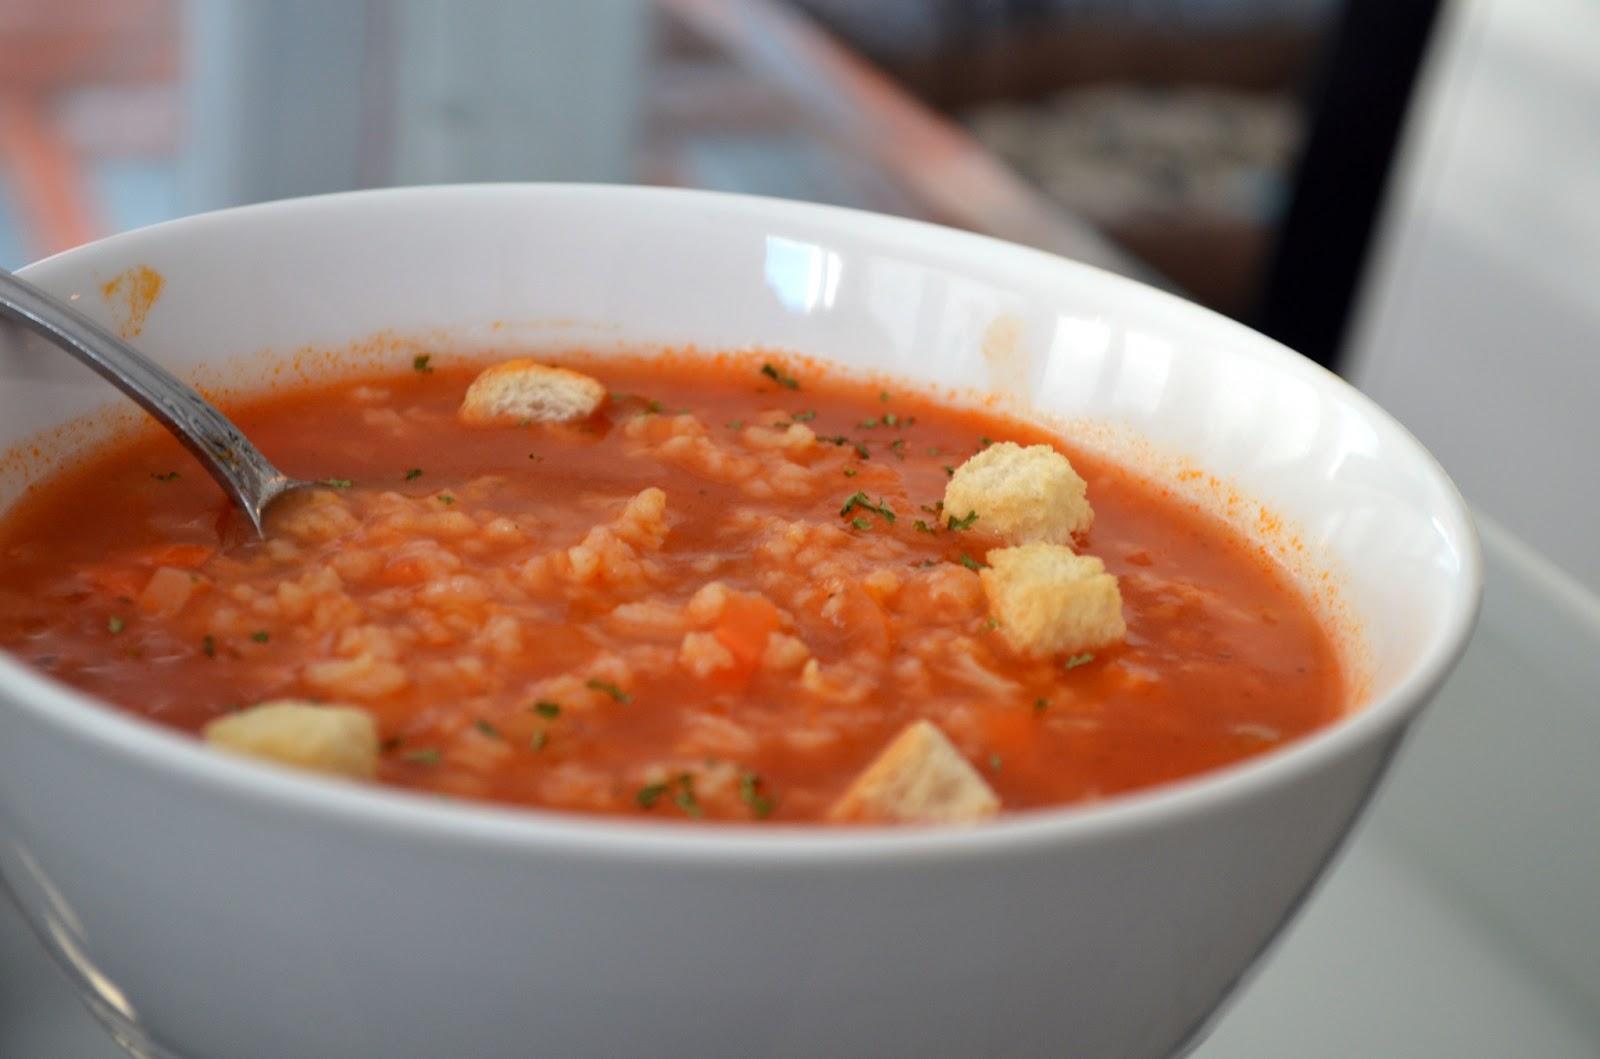 la cuisine de nathalie soupe au riz et tomate rapide. Black Bedroom Furniture Sets. Home Design Ideas